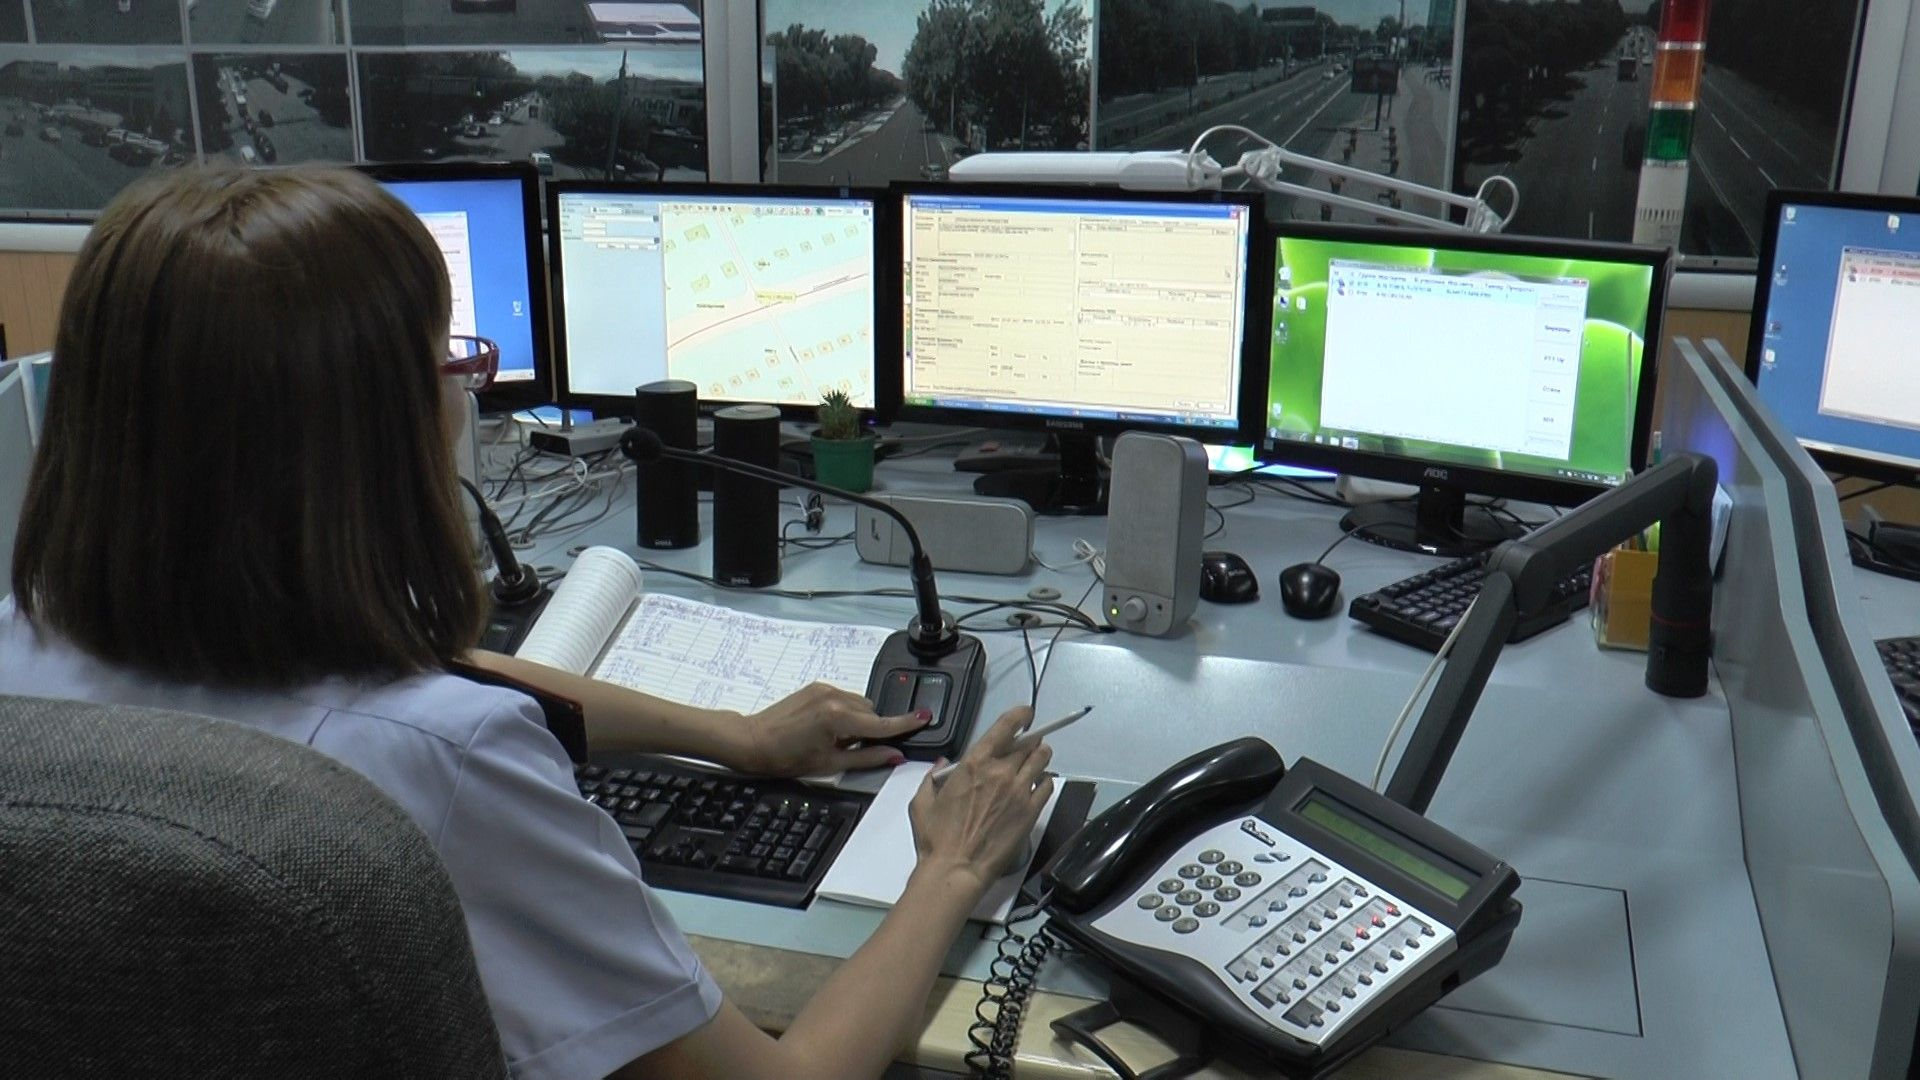 В Алматы работают 20 сотрудников туристской полиции- Kapital.kz